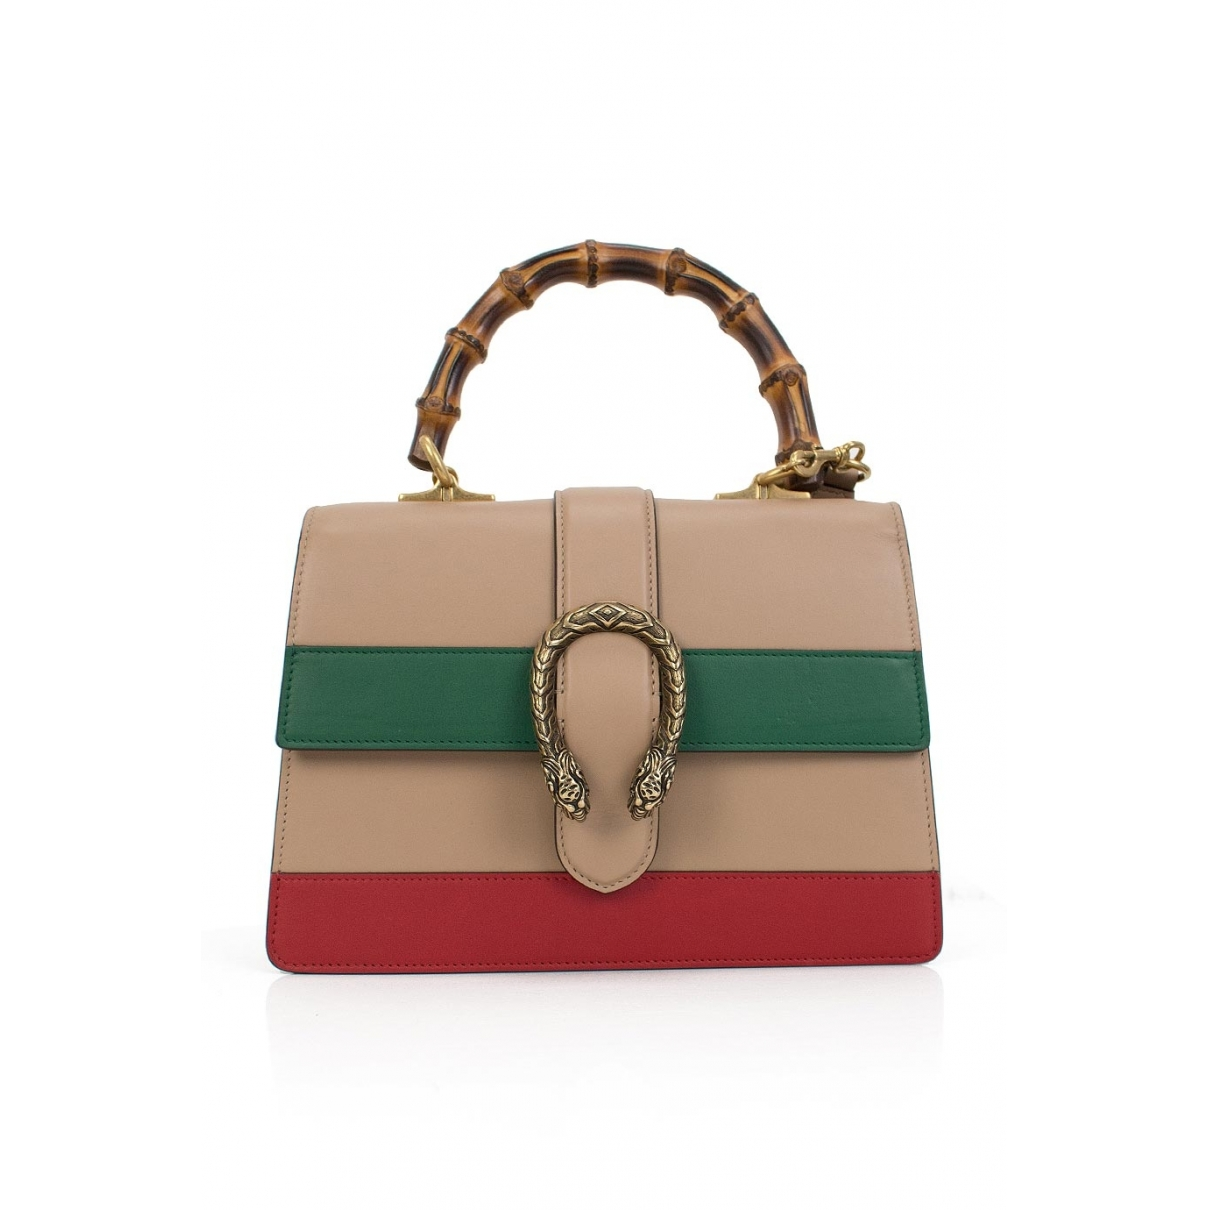 Gucci - Sac a main Dionysus pour femme en cuir - multicolore